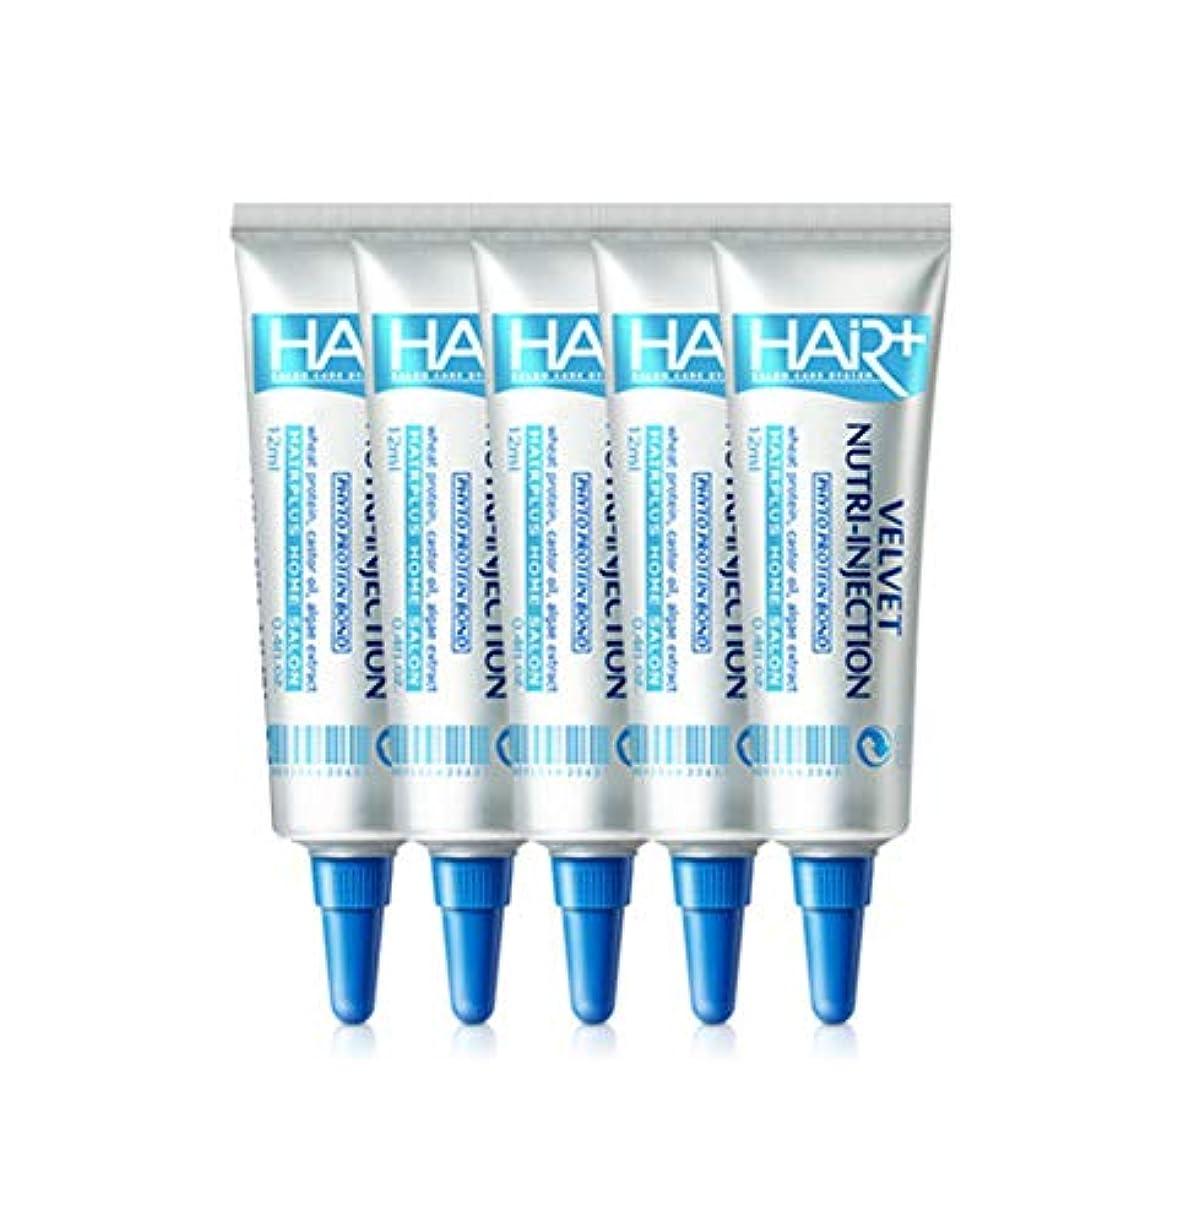 くしゃくしゃそこからサミュエルヘアプラスHairplus韓国コスメヘアタンパク質アンプルヘアケアトリートメント12ml 5個 海外直送品Protein Treatment [並行輸入品]